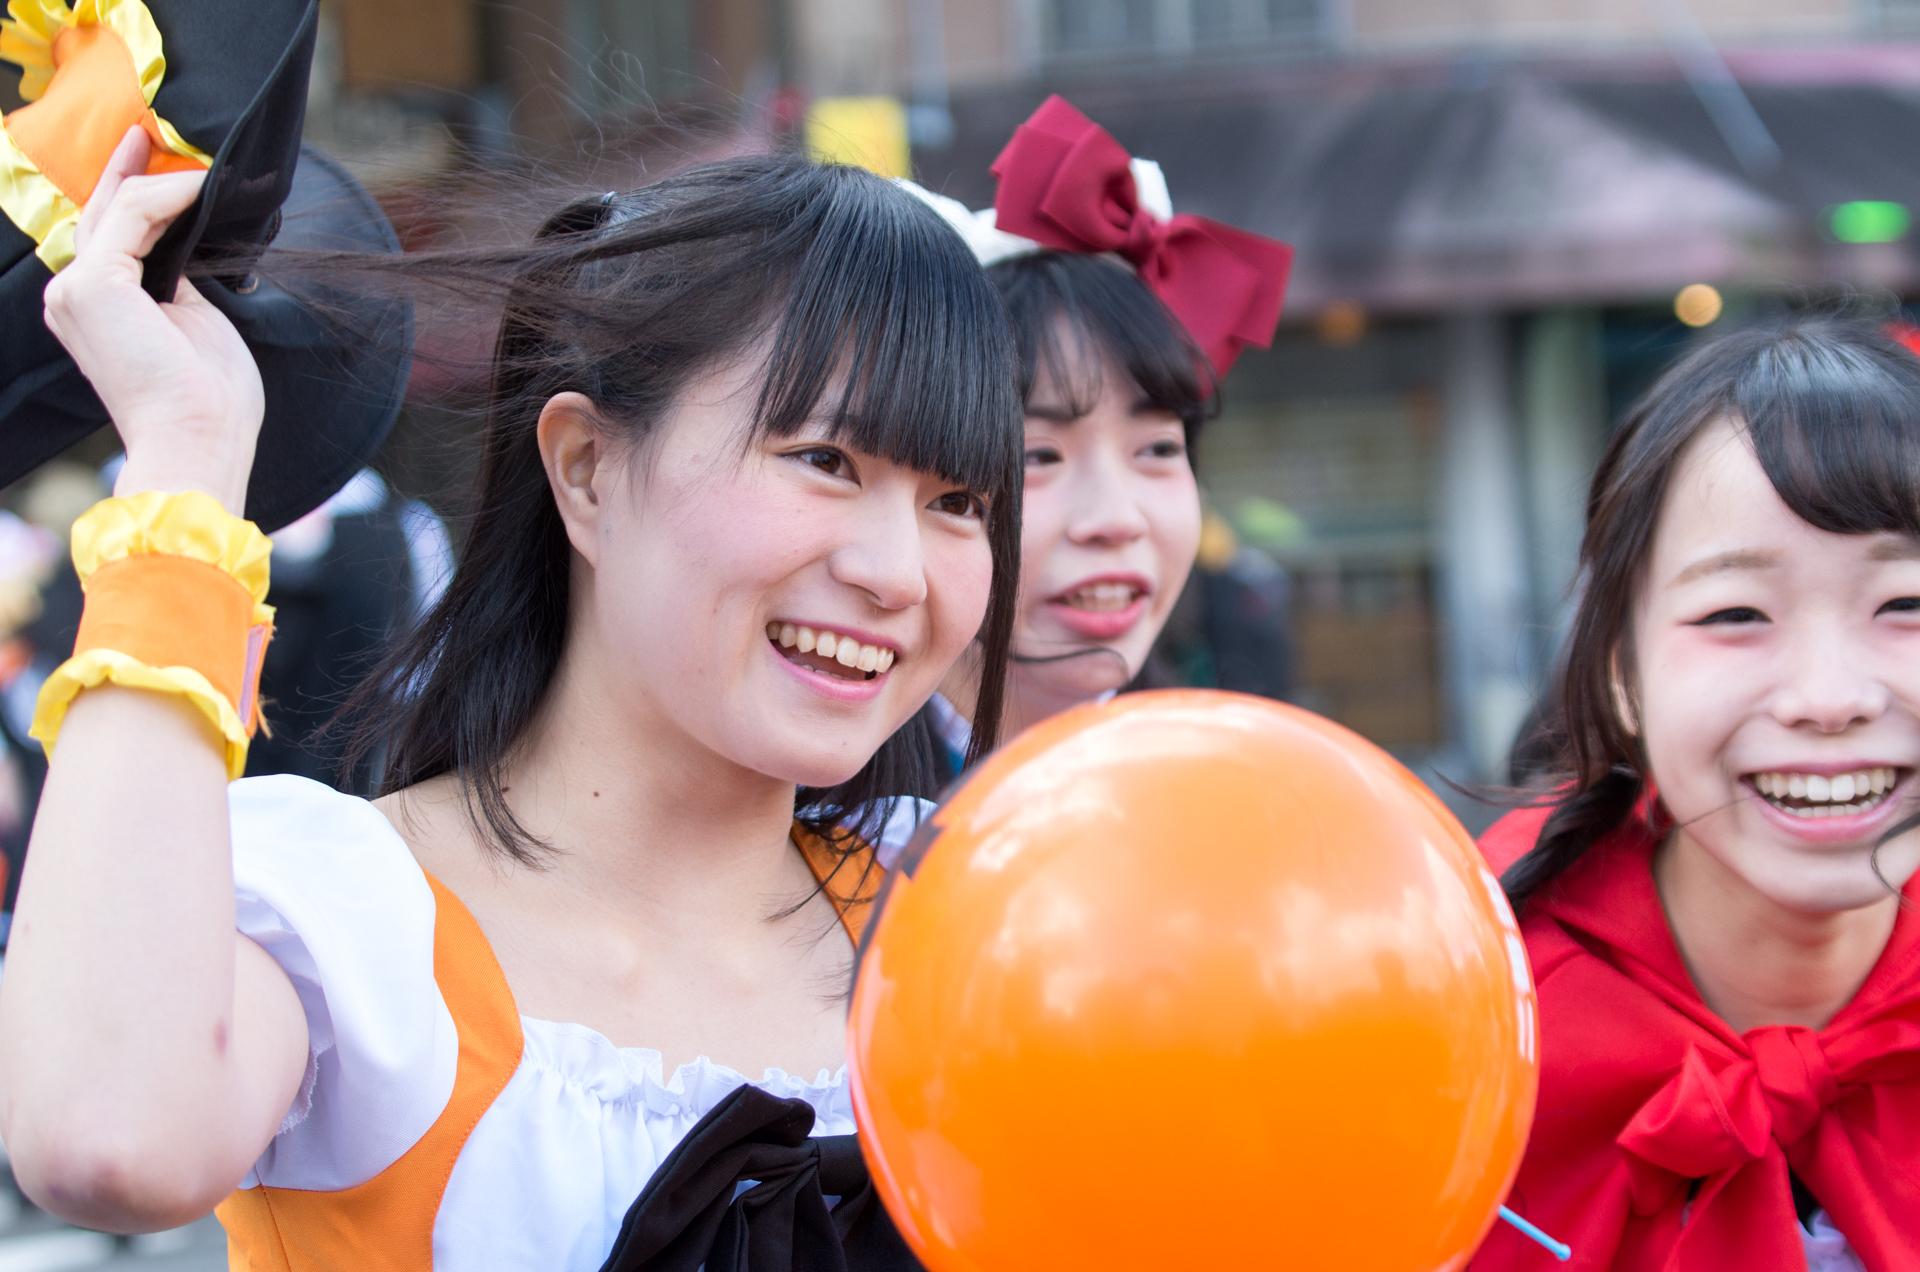 2代目HAPPY少女♪ あゆみ ( 新谷亜由美 ) | さっぽろハロウィン2016